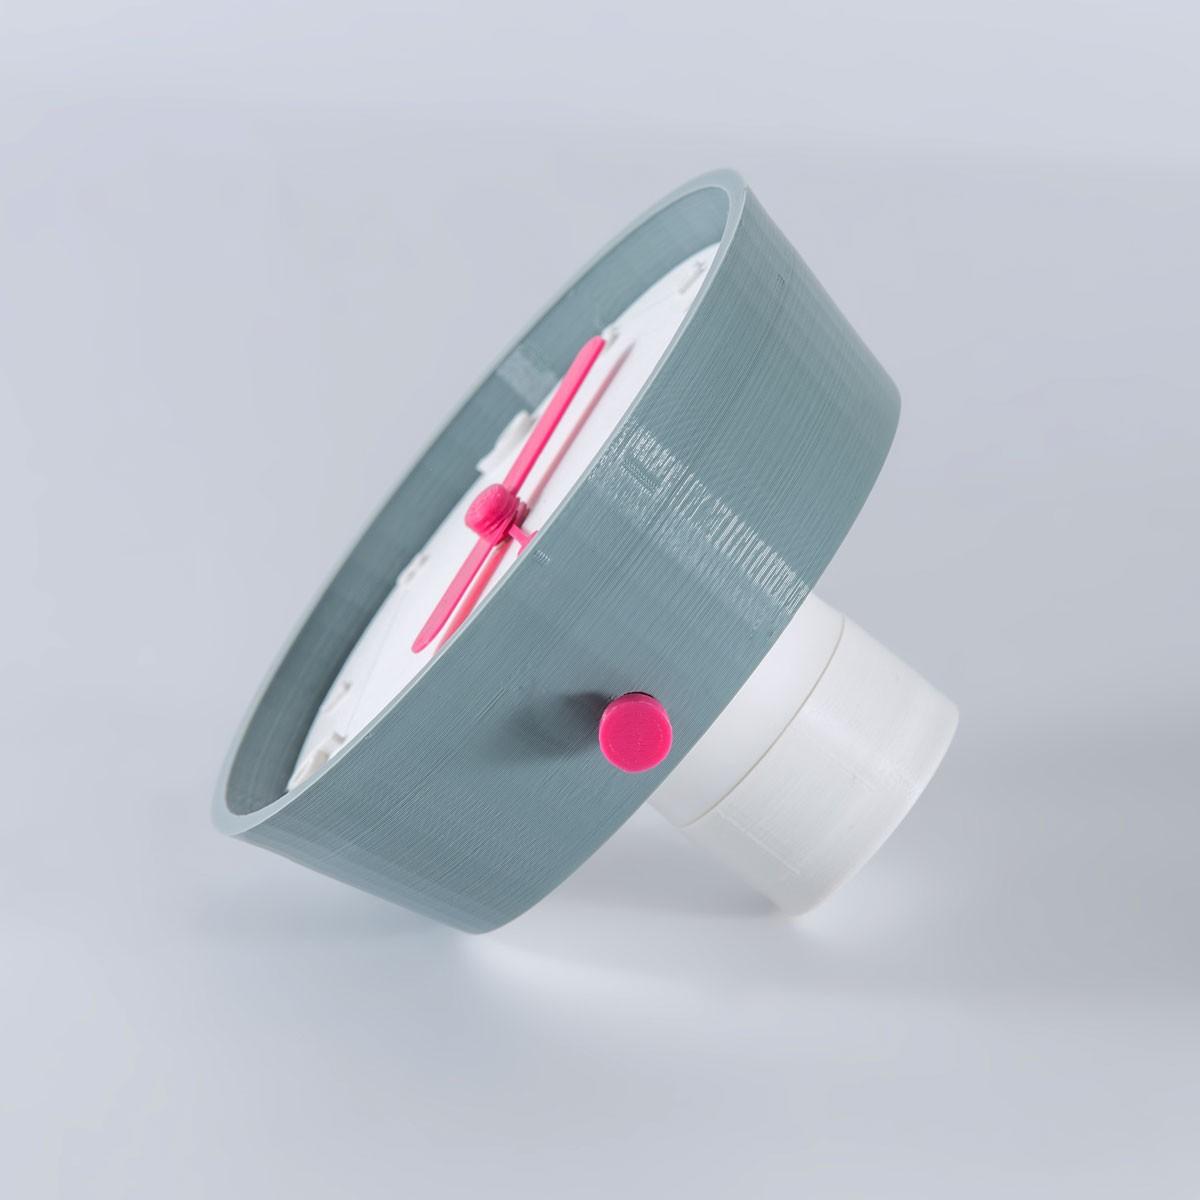 Time goes around - Brignetti Longoni Design Studio - Sveglia, tavolo, orologio, essenziale, fluidità, tempo, basculante, muoversi, movimento, ruotare, comodino, retrò, vintage, ambiente, design, pigri, ritardo, progetto, riuso, ambiente, rispetto, filamenti, bobina, eumakers, eumakeit, pla, bio, oggetto, riciclo, progetto, modello 3d, prototipo.